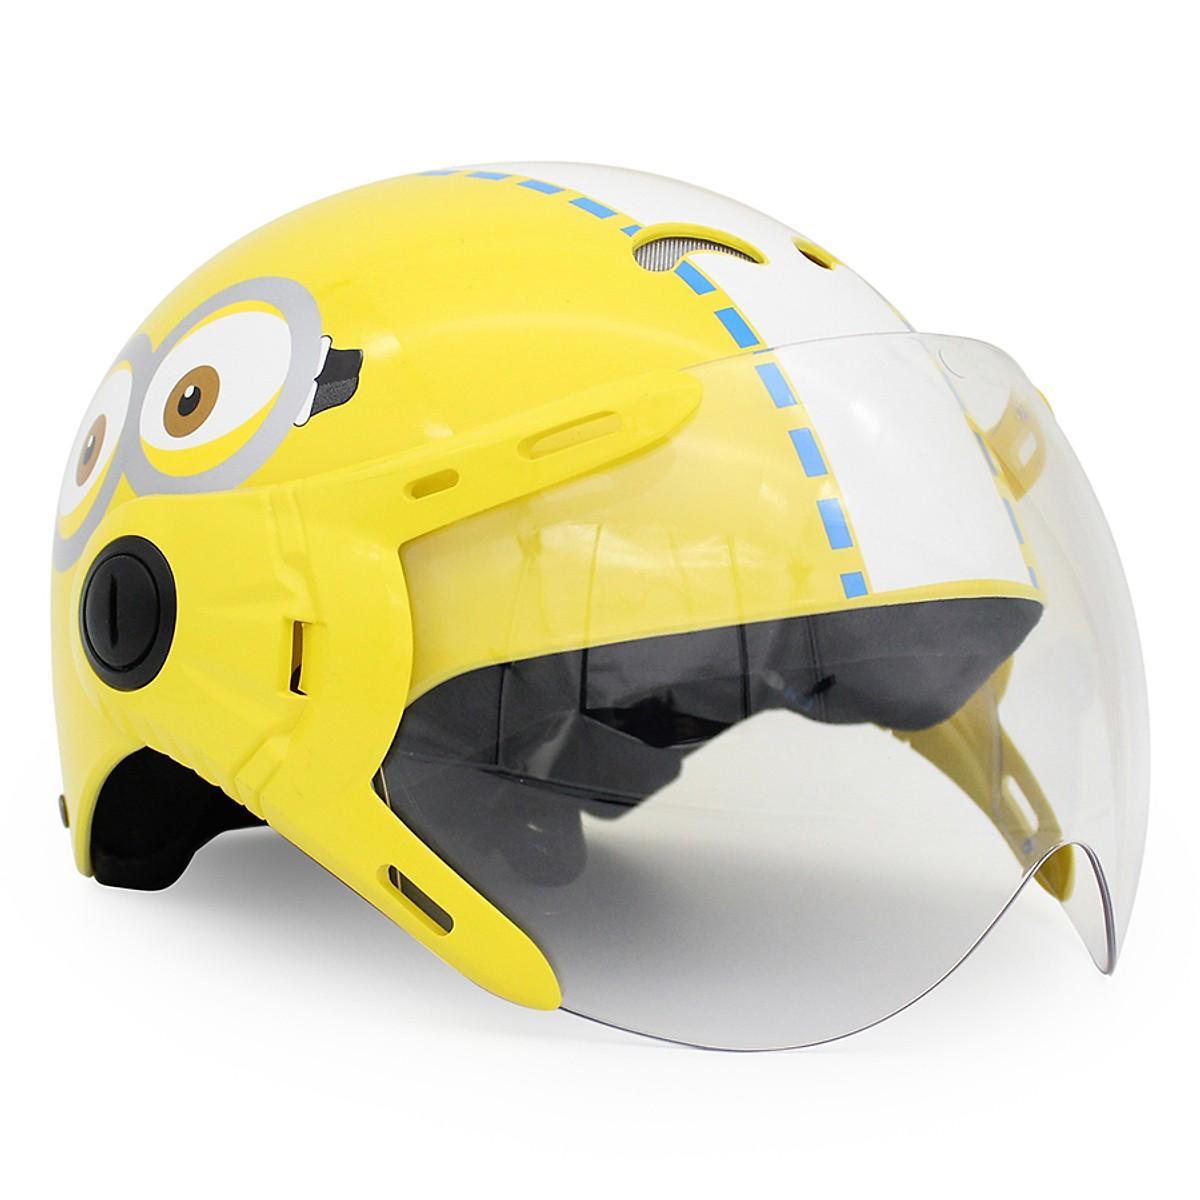 Giá bán Mũ Bảo Hiểm Trẻ Em 1/2 Đầu Có Kính Protec Kitty Minion